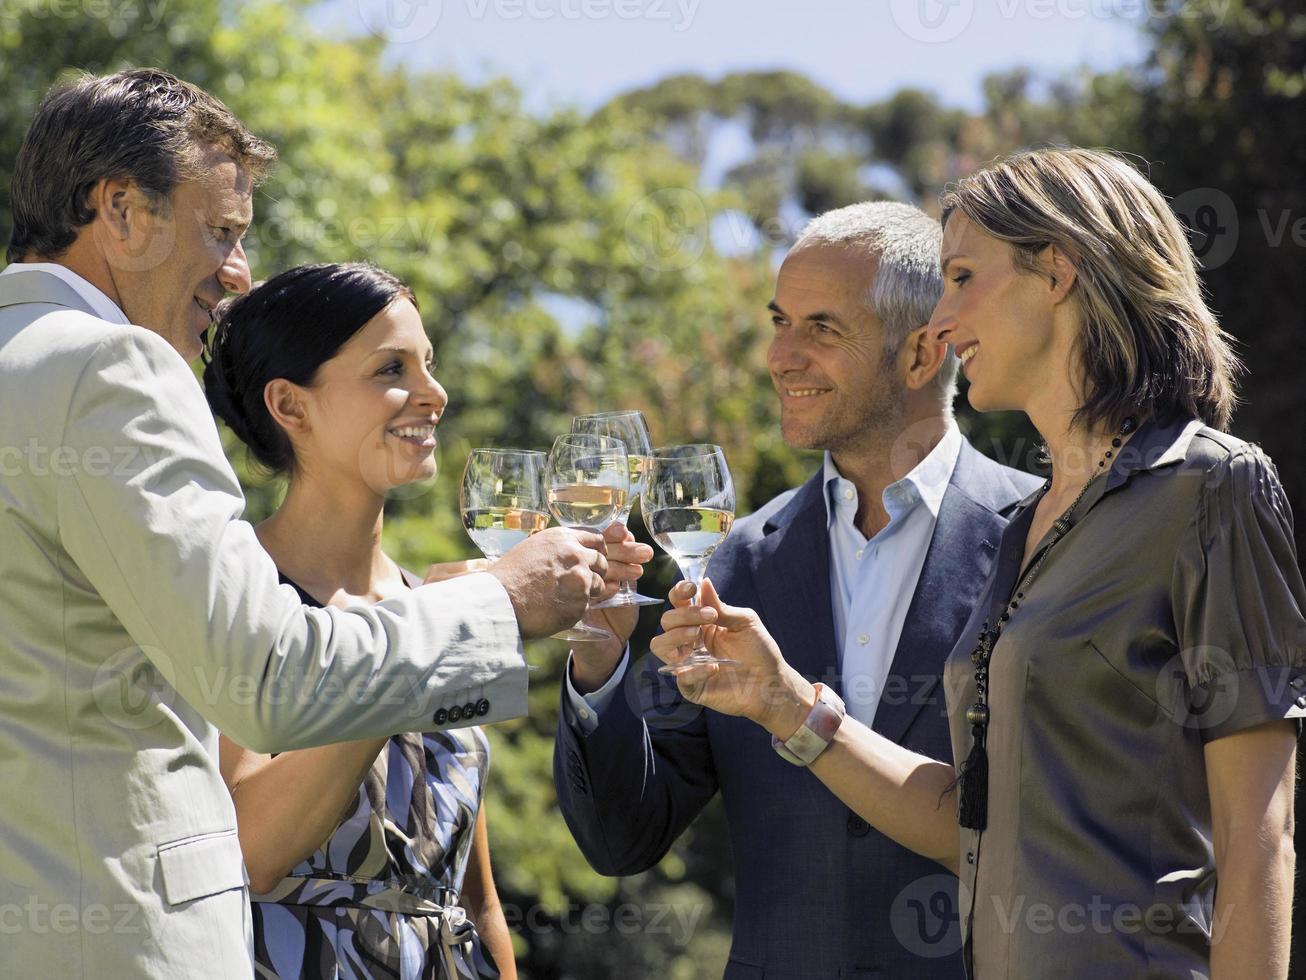 persone che bevono vino. foto